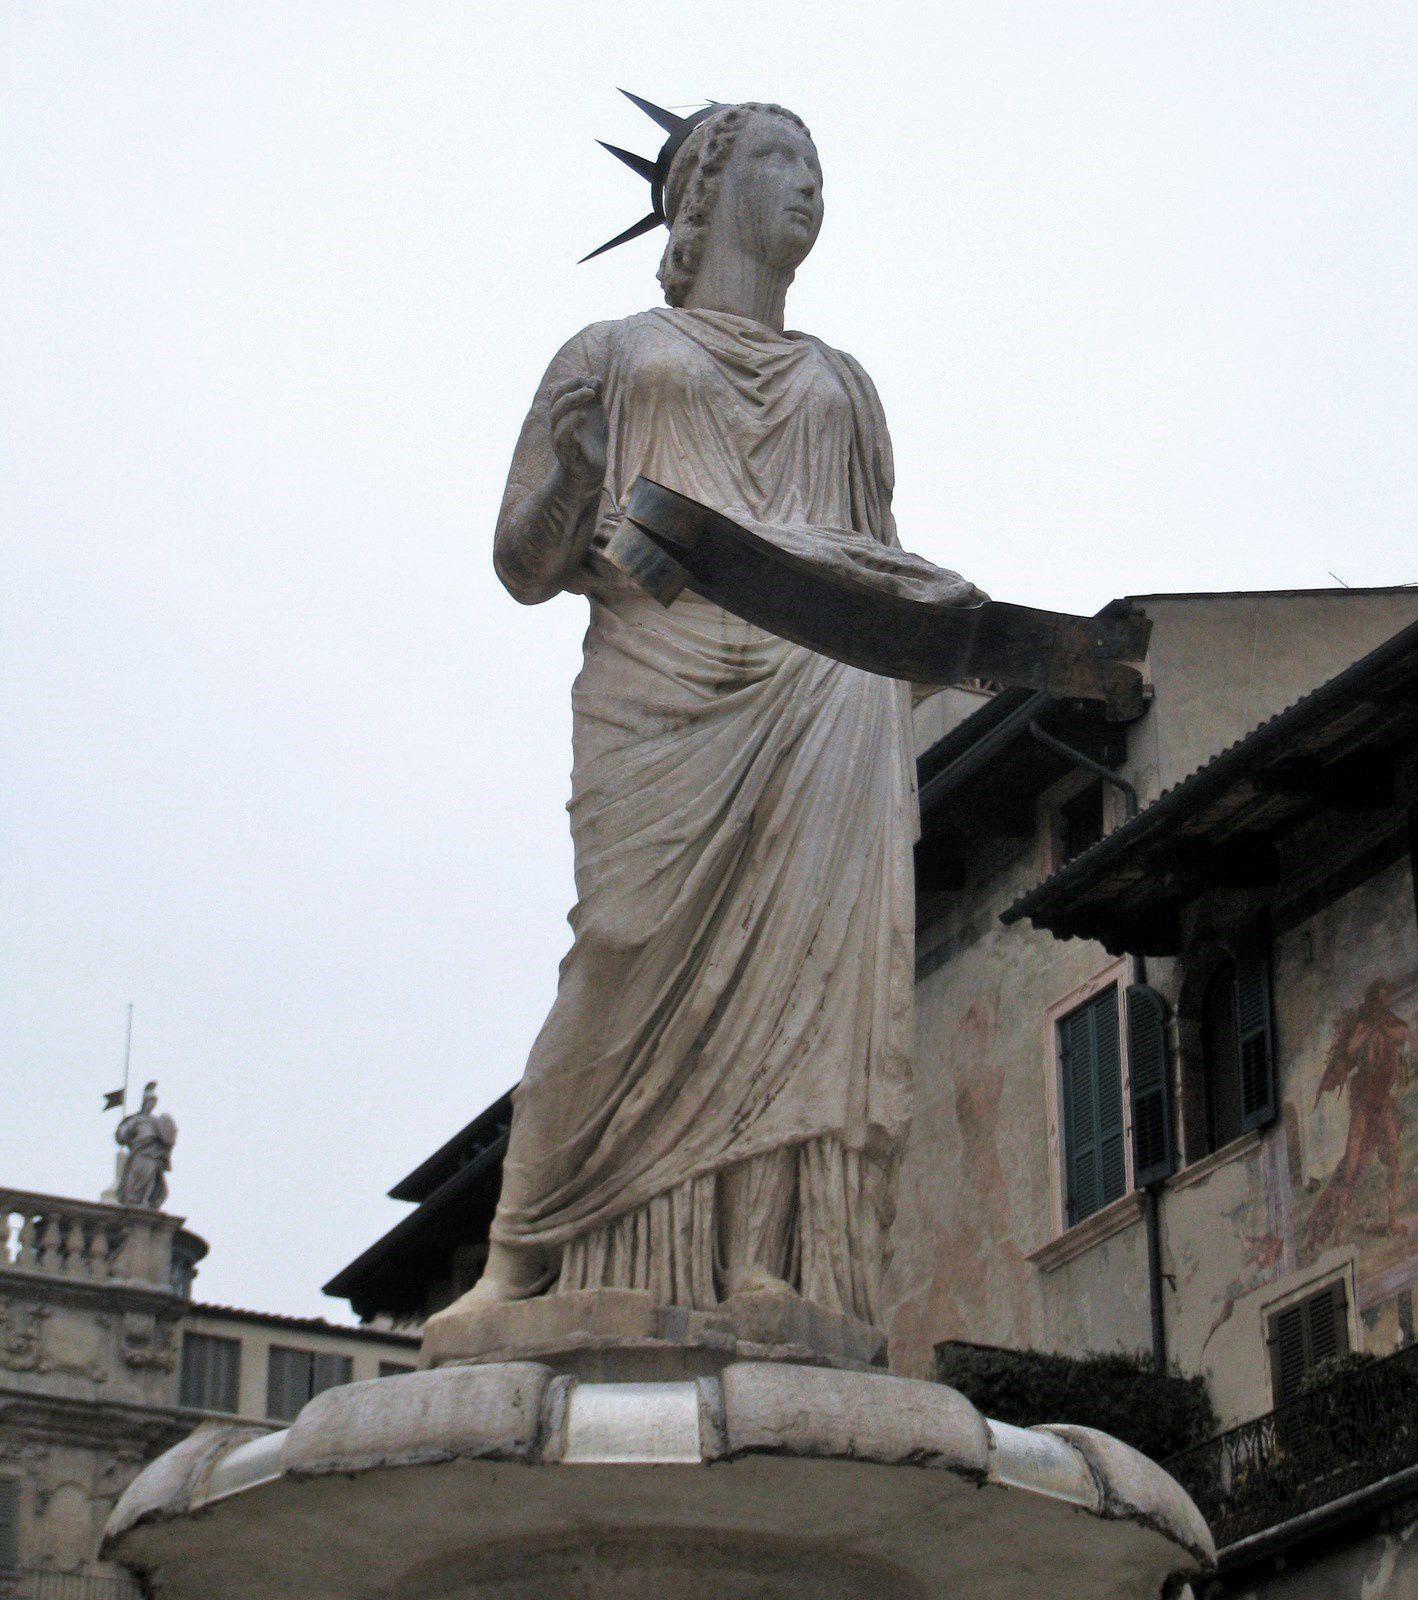 Piazzetta XIV novembre (Vérone), Tour de Gardello et la fontaine de Madonna Verona